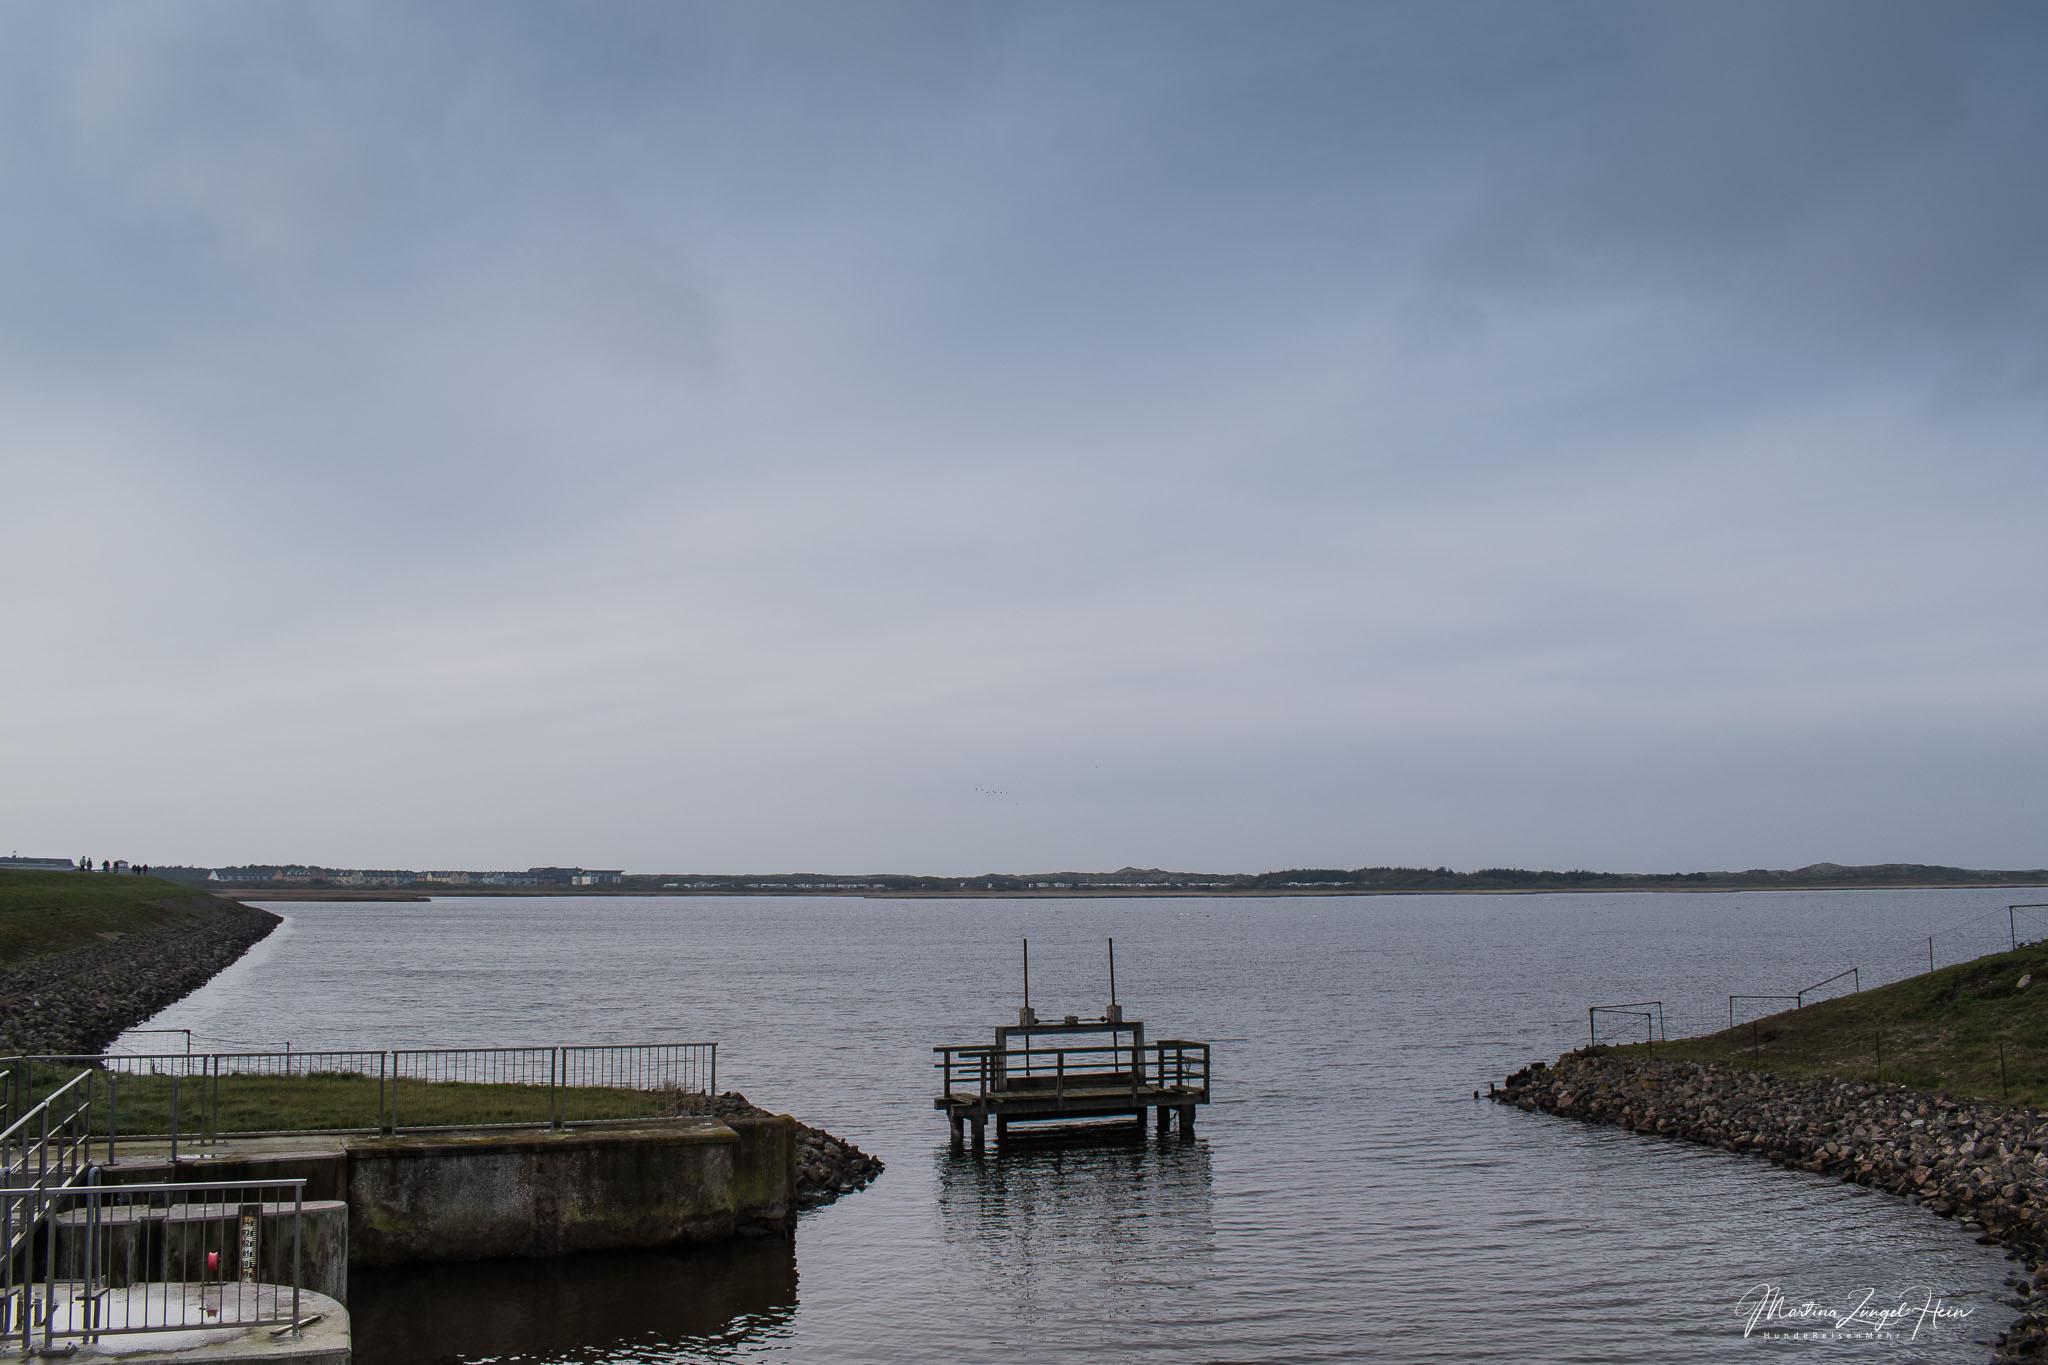 Aus dem geplanten Flughafen für Wasserflugzeuge wurde ein Naturschutzgebiet